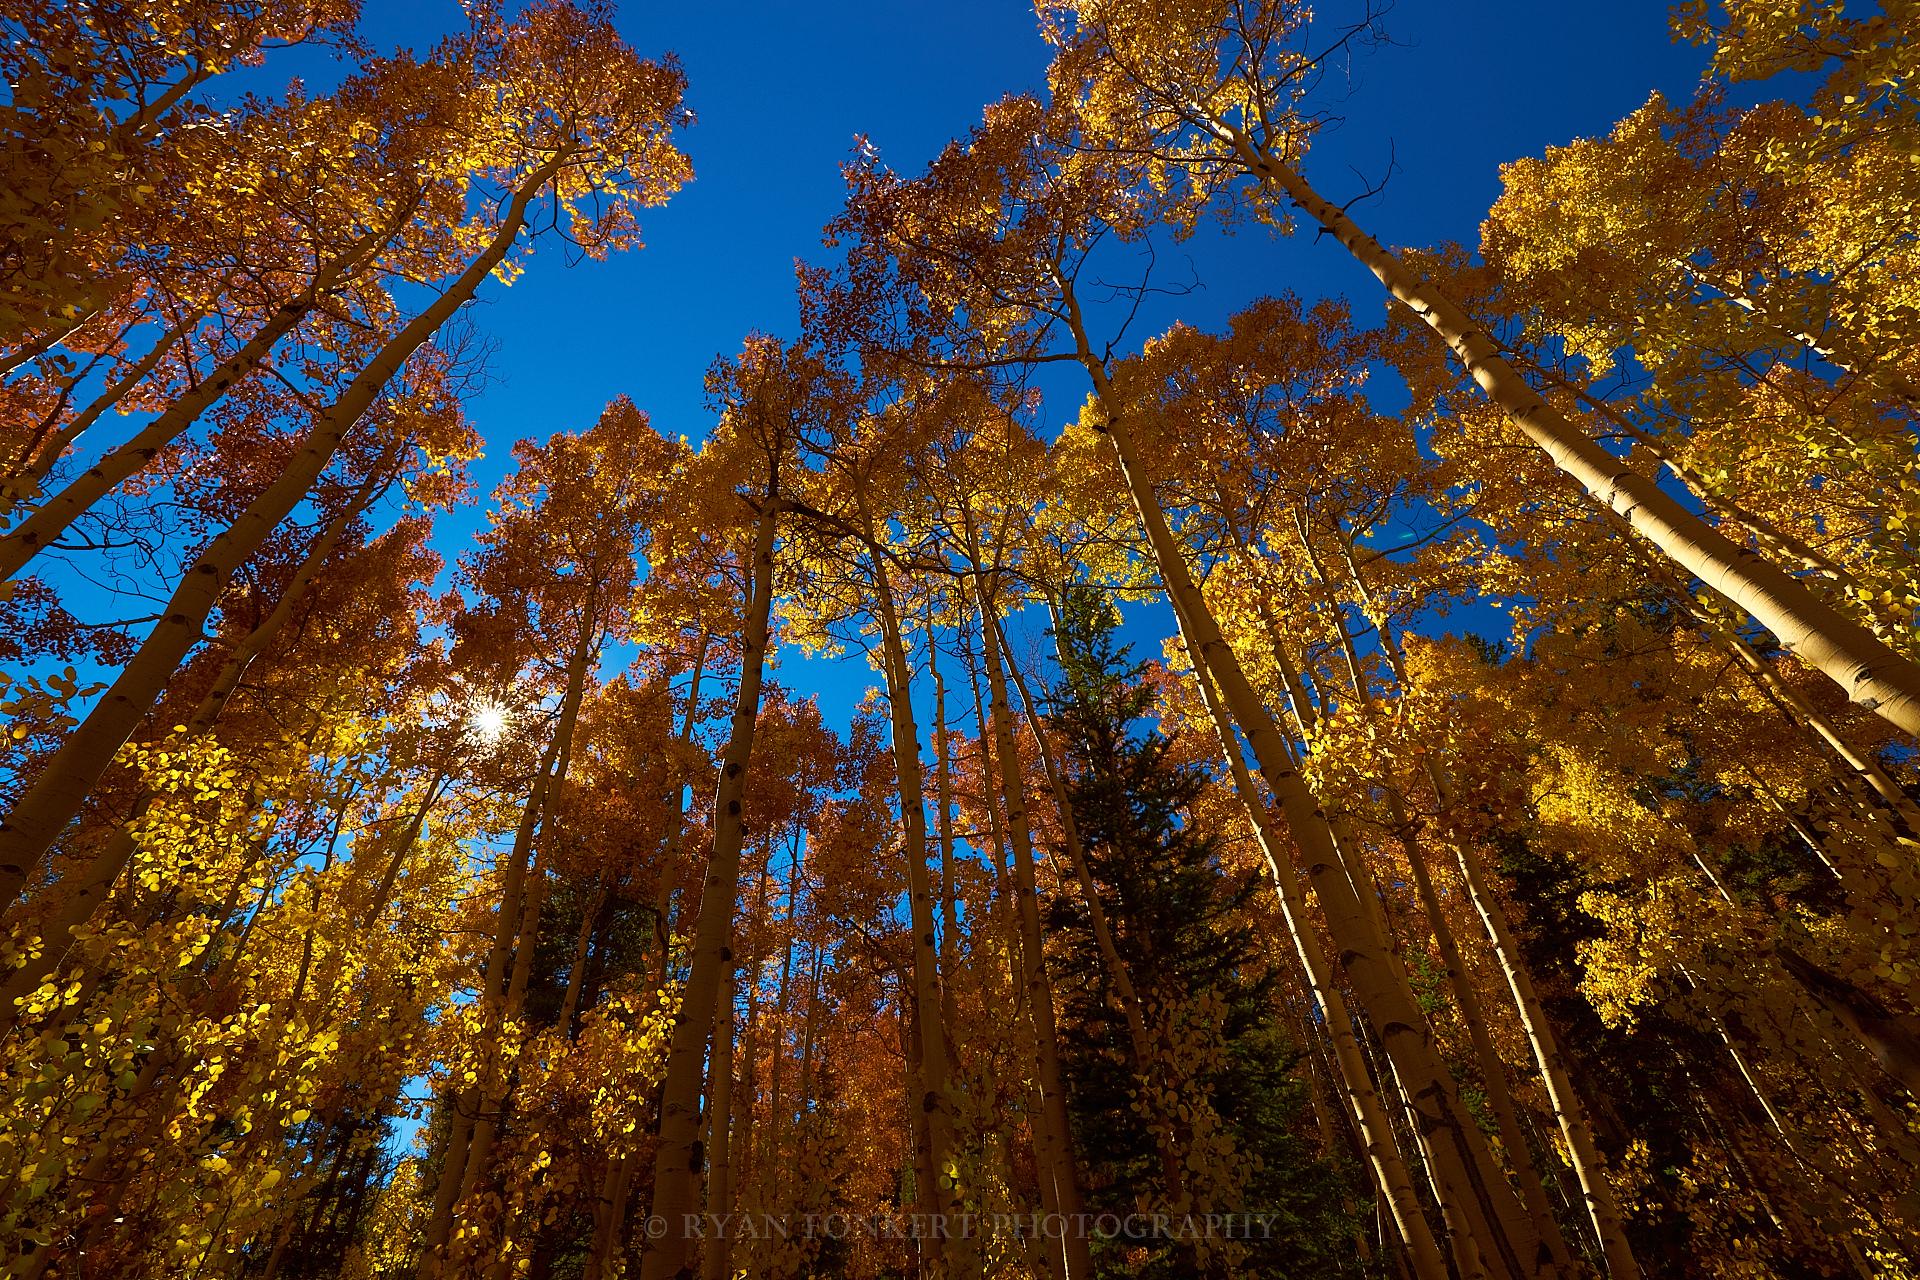 Landscapes_DSC06771.jpg